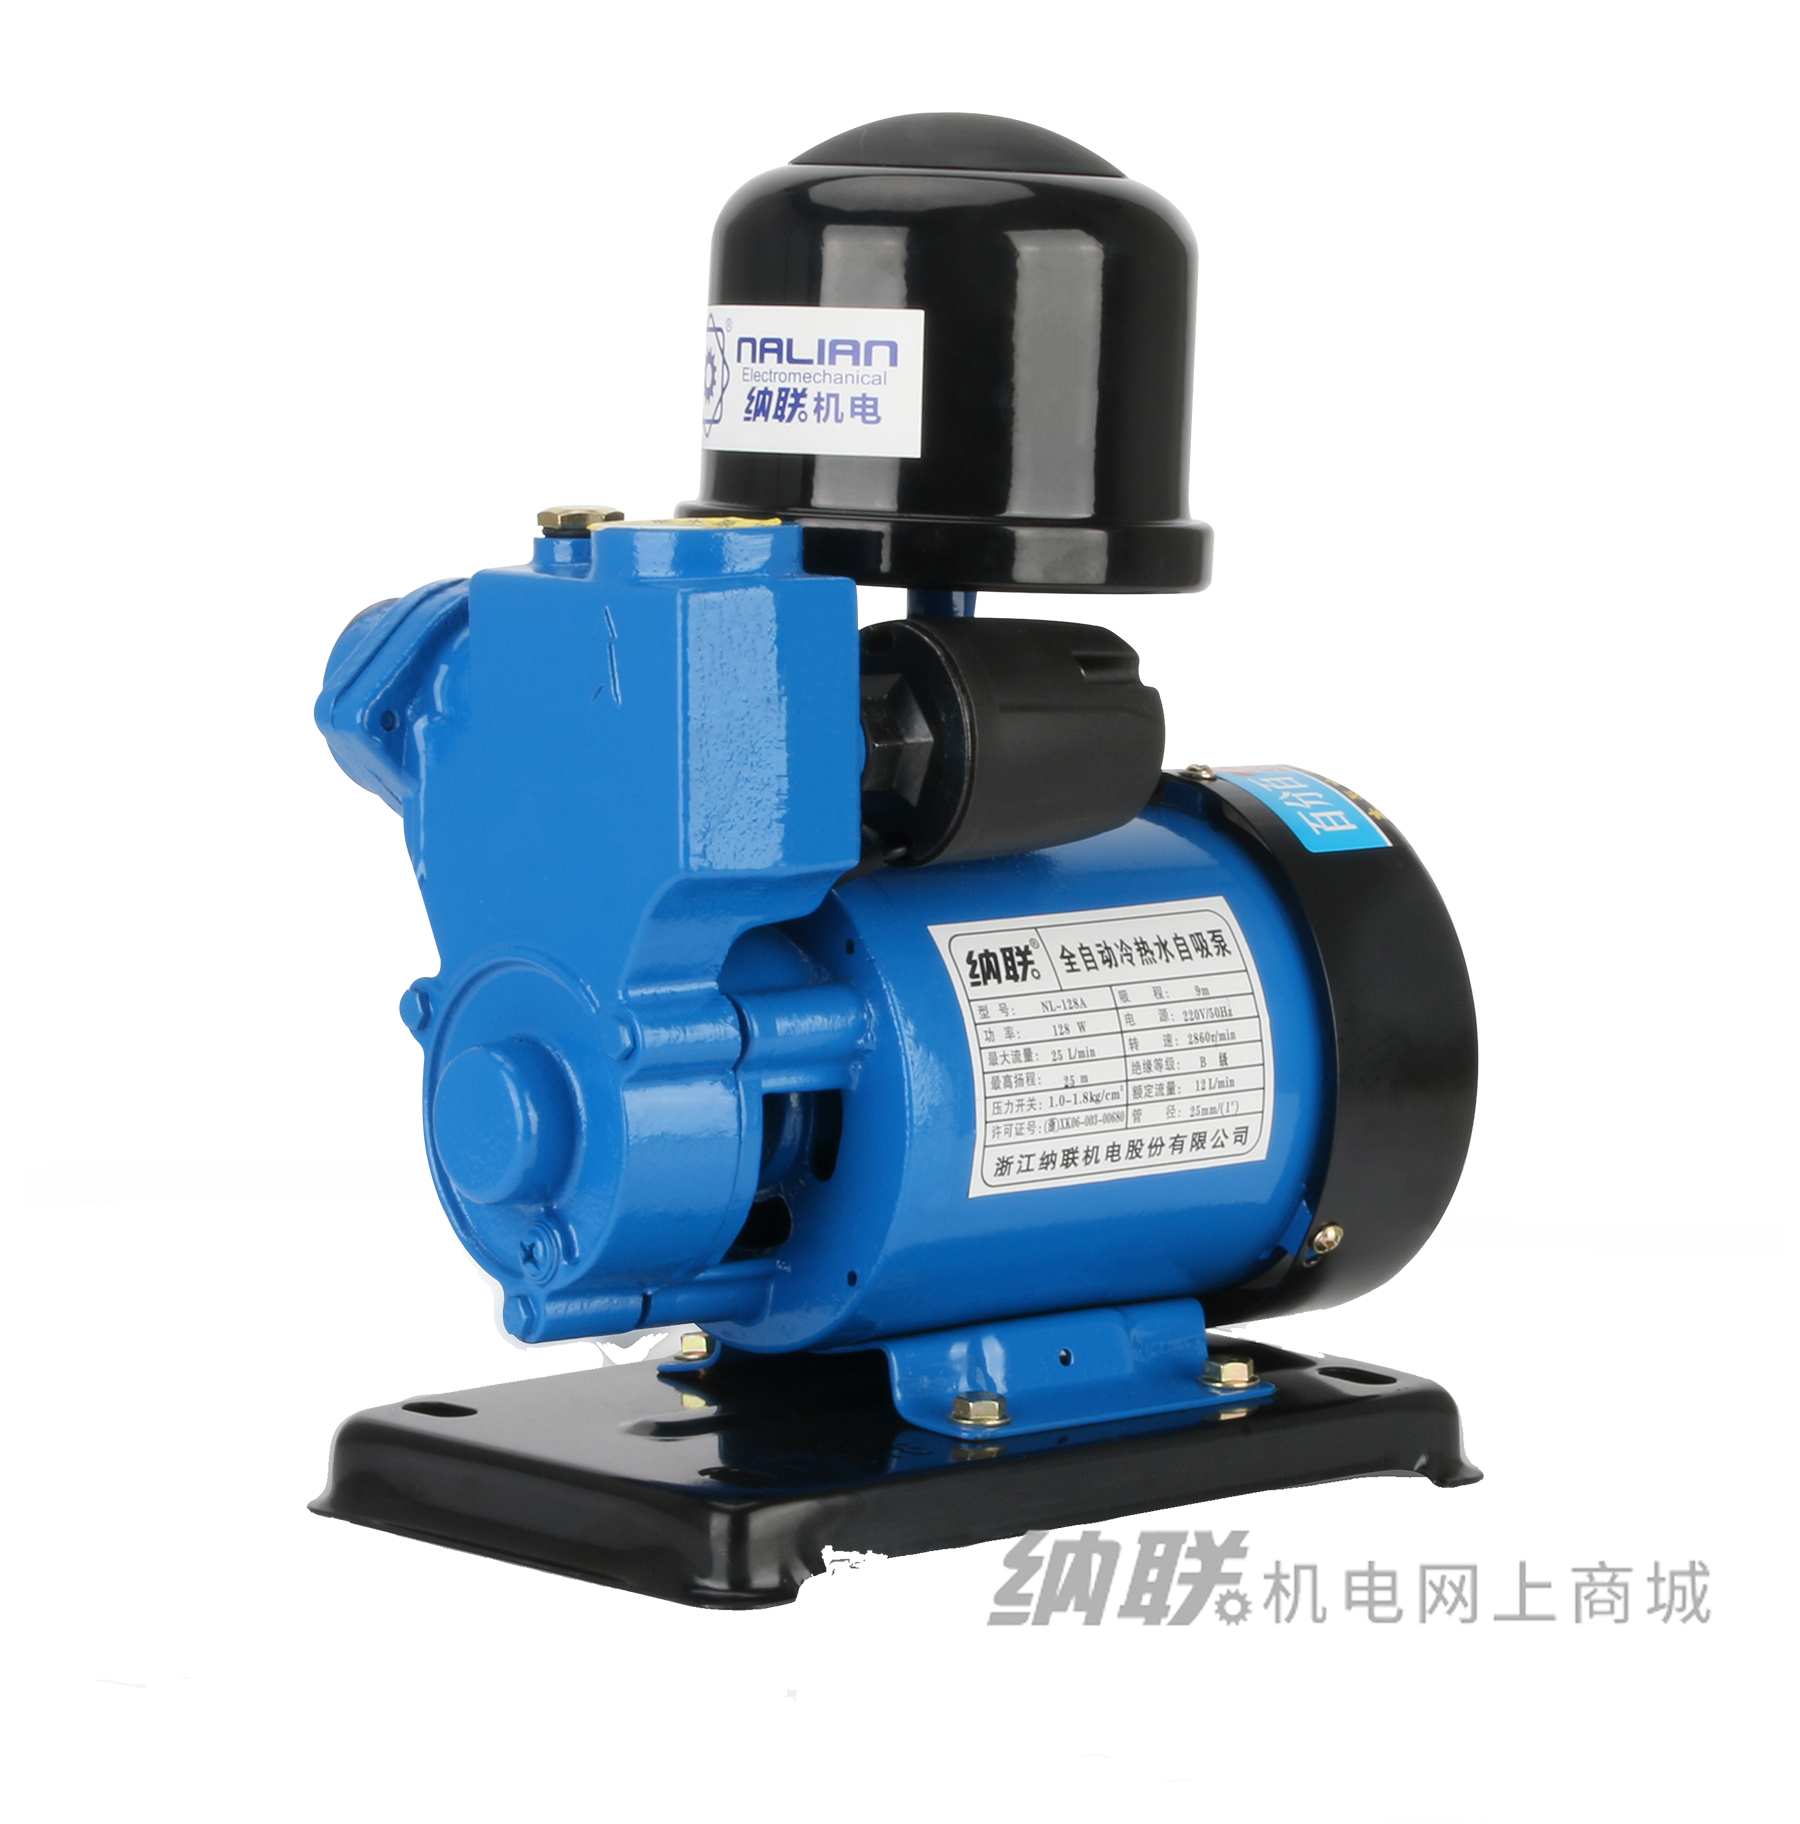 纳联机电 全自动冷热水自吸泵-NL-128A